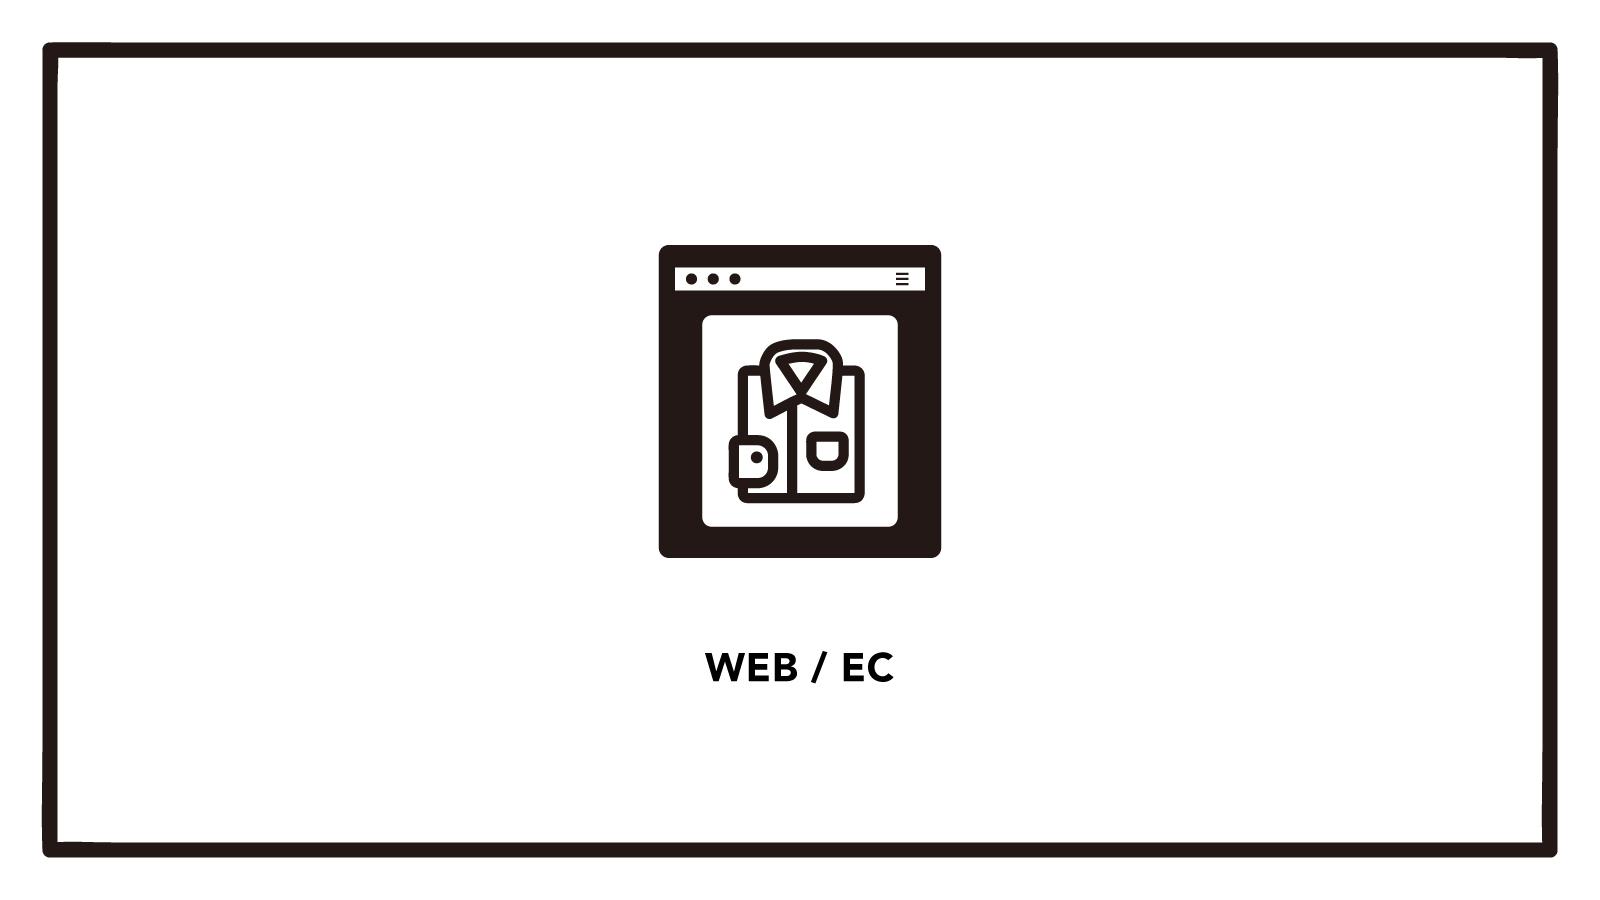 自社EC運営最大級 デジタル・SNS広告のメディアプランナーのカバー写真